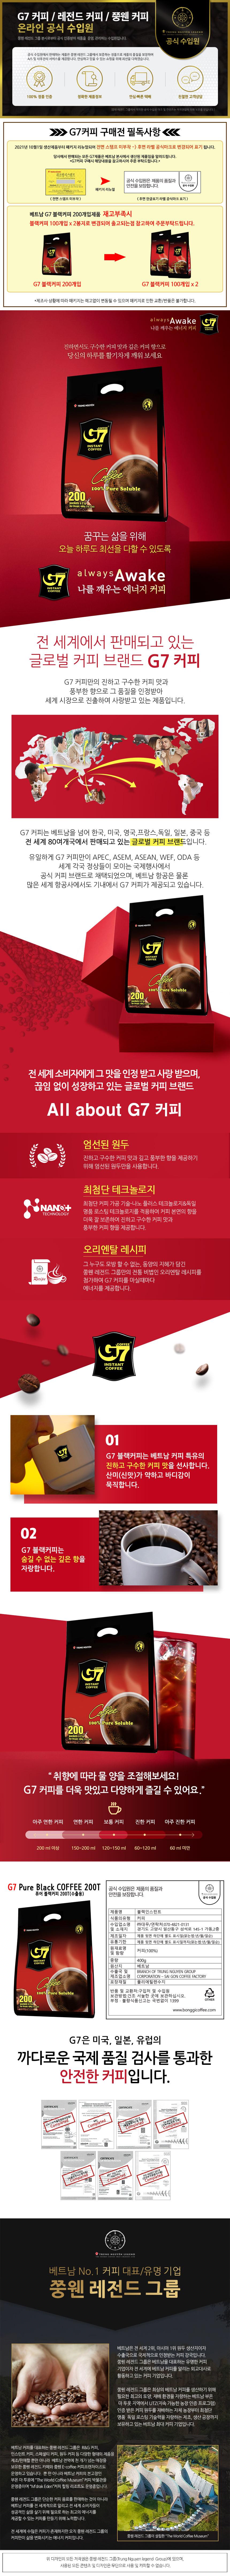 베트남 G7 블랙커피 200개입(수출용) - 봉지커피, 14,000원, 커피, 커피믹스/인스턴트커피